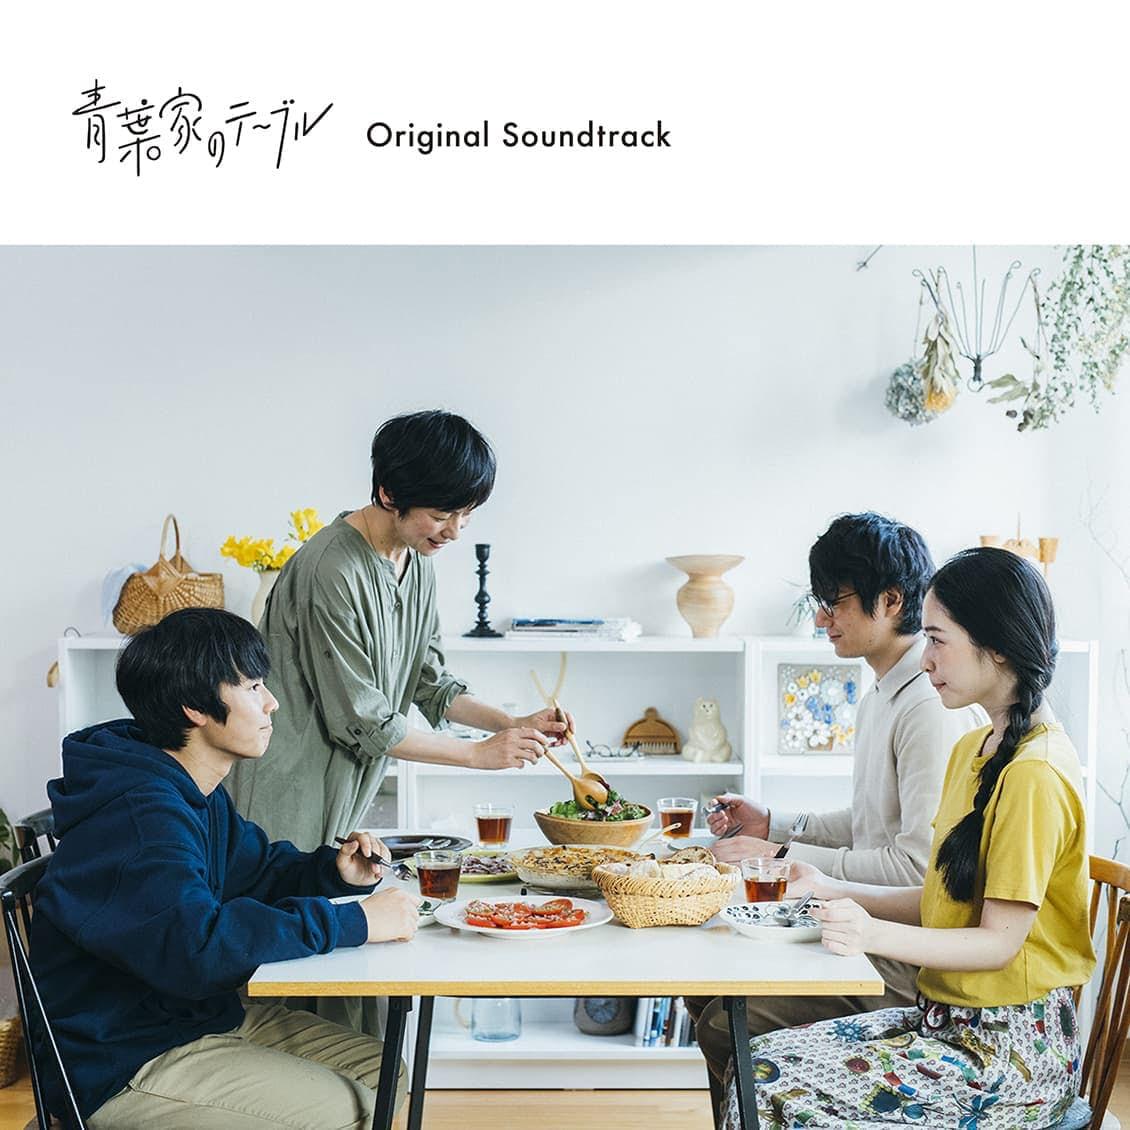 【いよいよお知らせ】『青葉家のテーブル』オリジナル・サウンドトラック(17曲)を配信スタートしています!